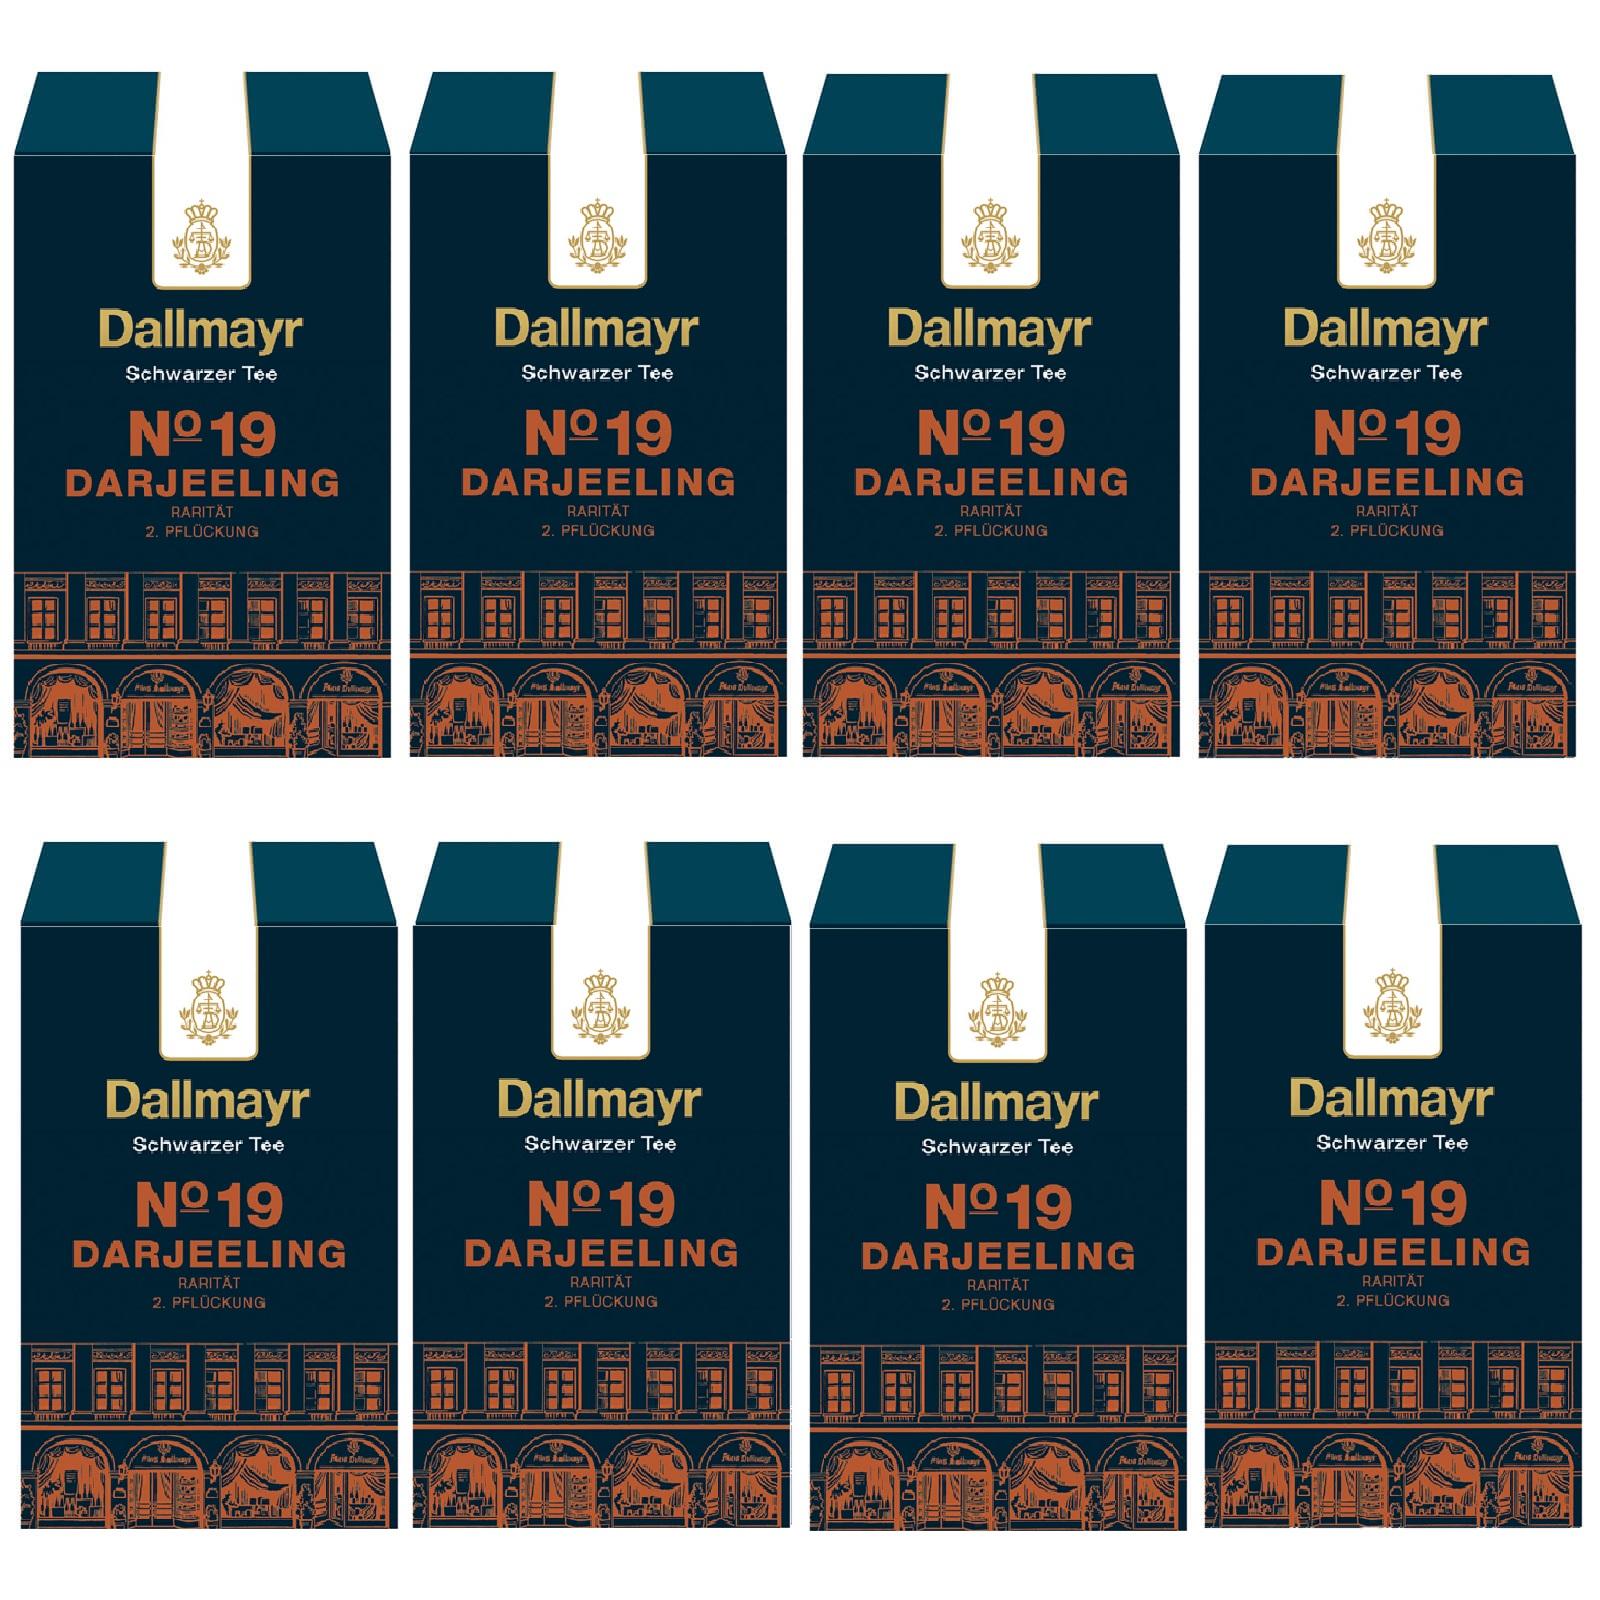 Dallmayr Schwarzer Tee No.16 Ostfriesen-Kleinblattmischung 1 x 100g